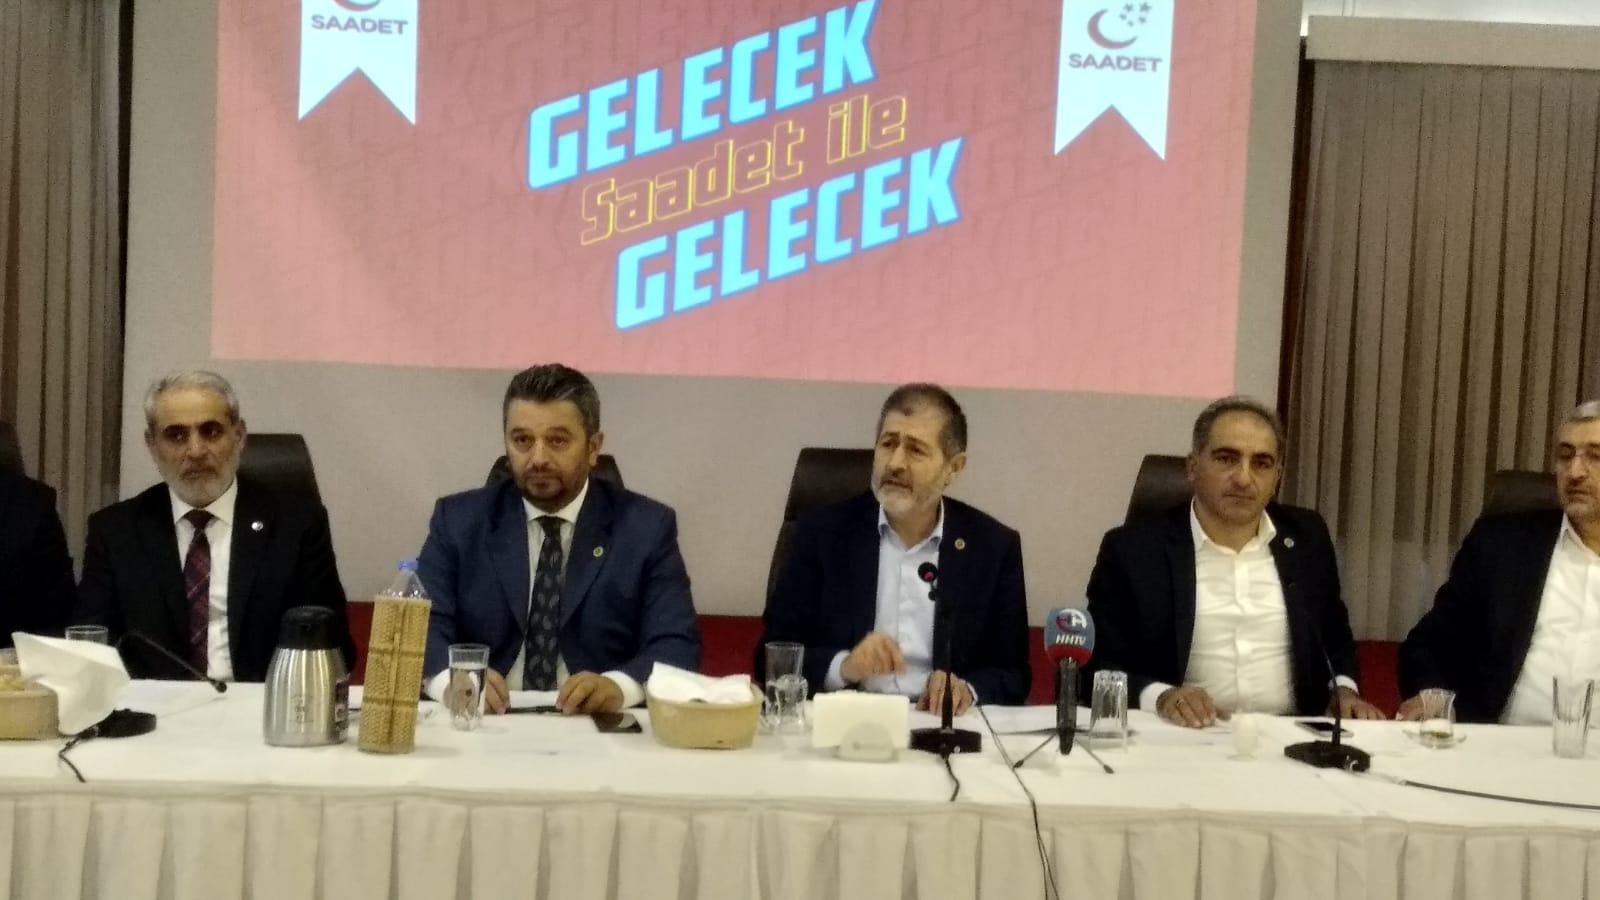 Abdullah Sevim; Irak'da, Libya'da, Suriye'de, Türkiye'de oynananlar siyanist bir plandır